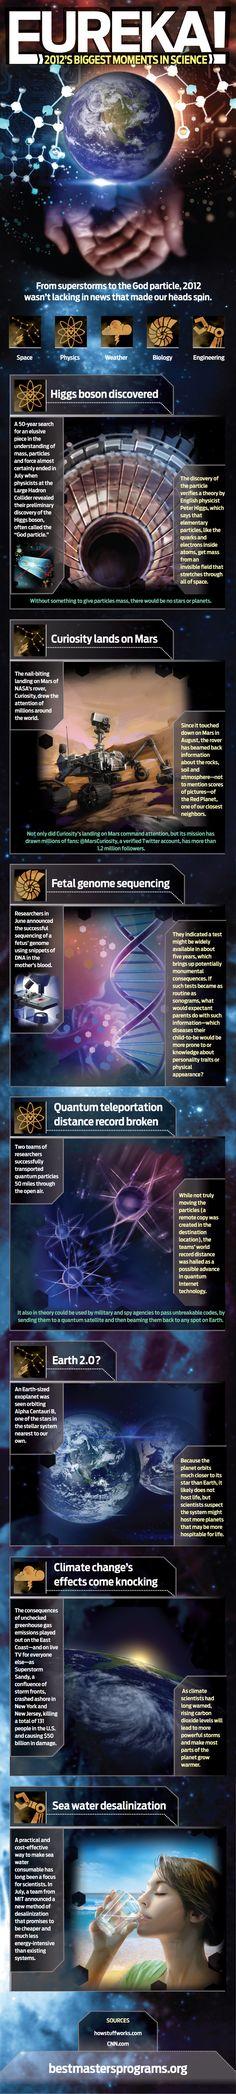 Los mejores momentos de la ciencia en 2012 #infografia #infographic